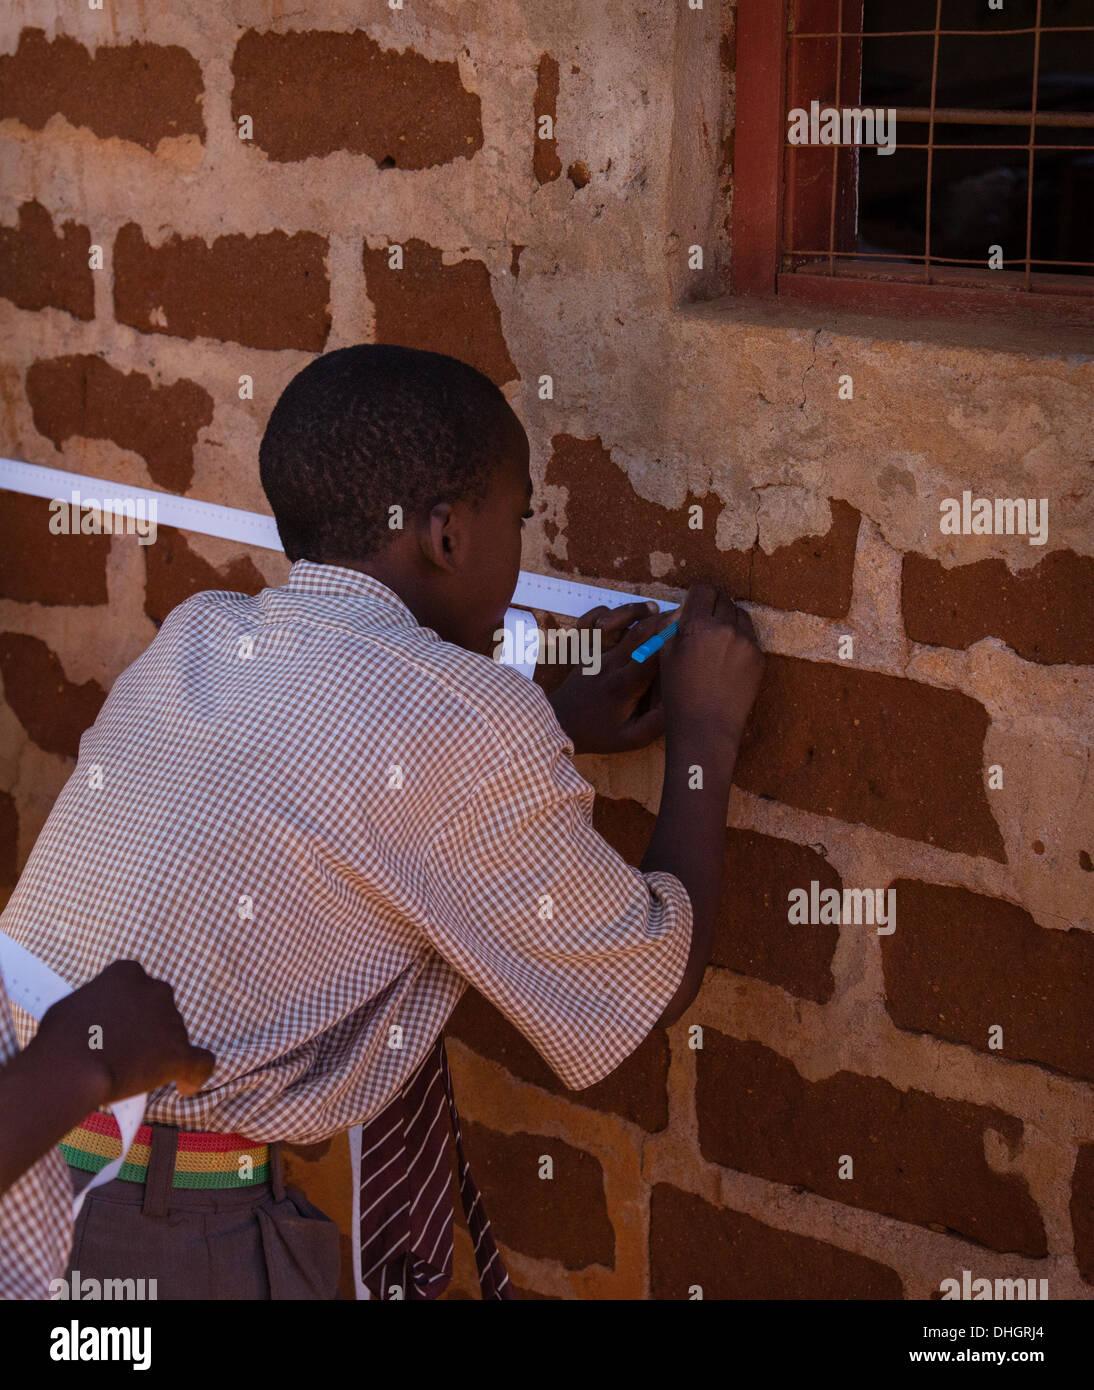 Un écolier mesures un mur extérieur d'une salle de classe avec un ruban de papier dans une école primaire du Kenya Photo Stock